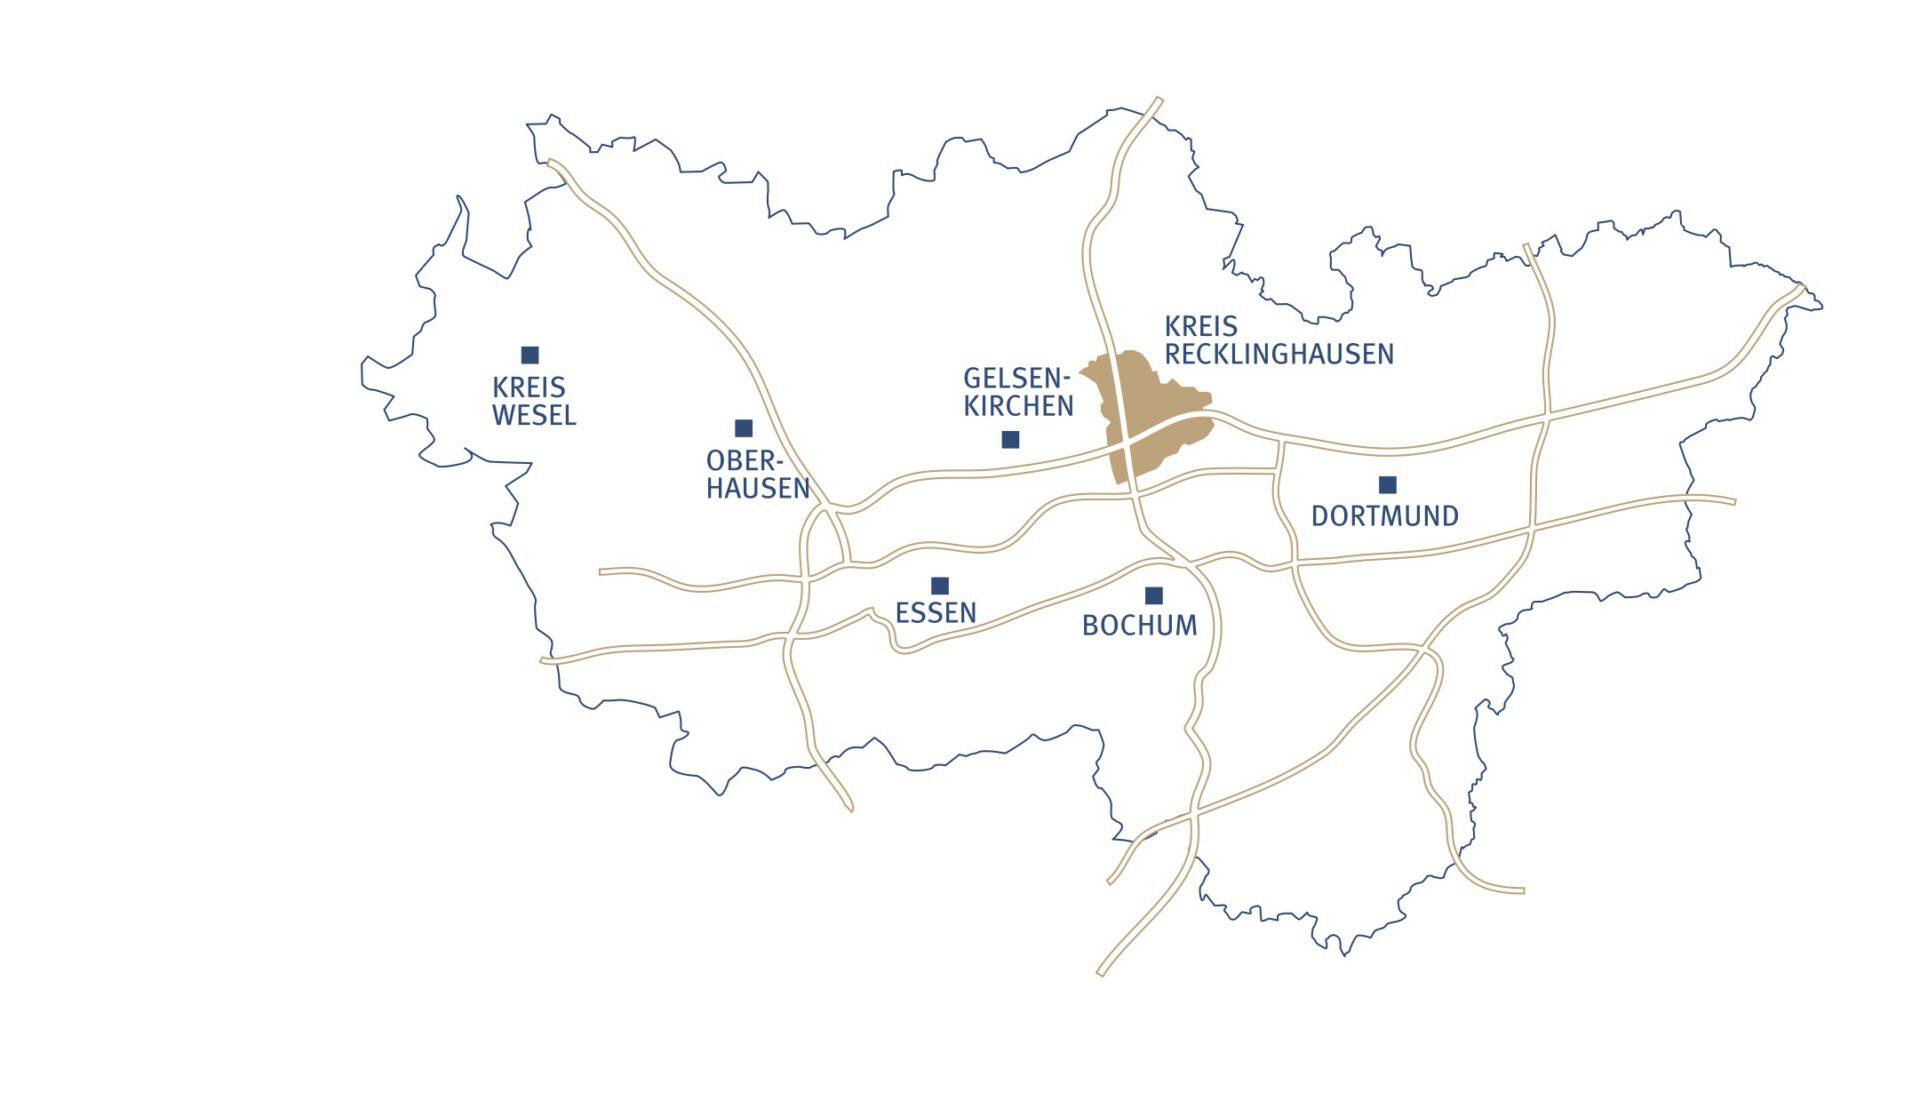 Diese Grafik zeigt die Lage des Kreises Recklinghausen im Ruhrgebiet sowie die Autobahnanbindungen.